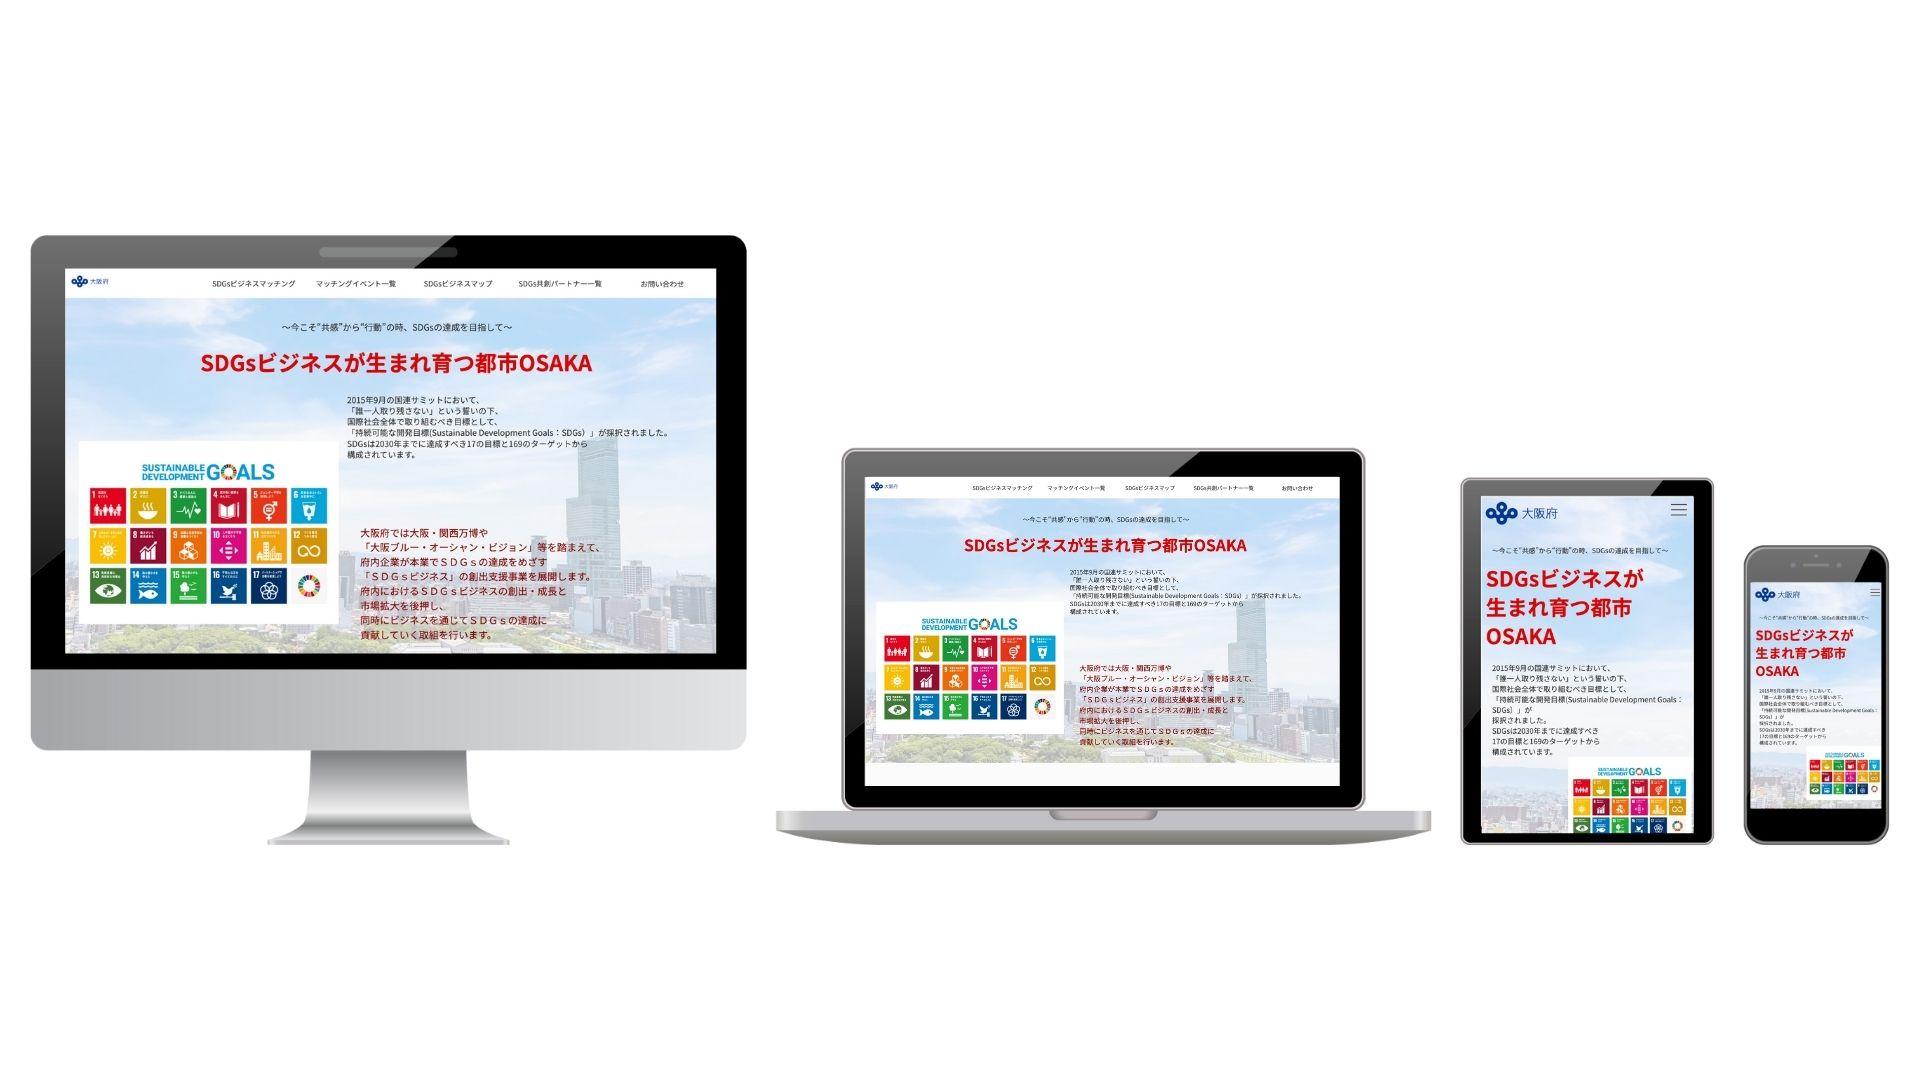 大阪SDGsのサイト